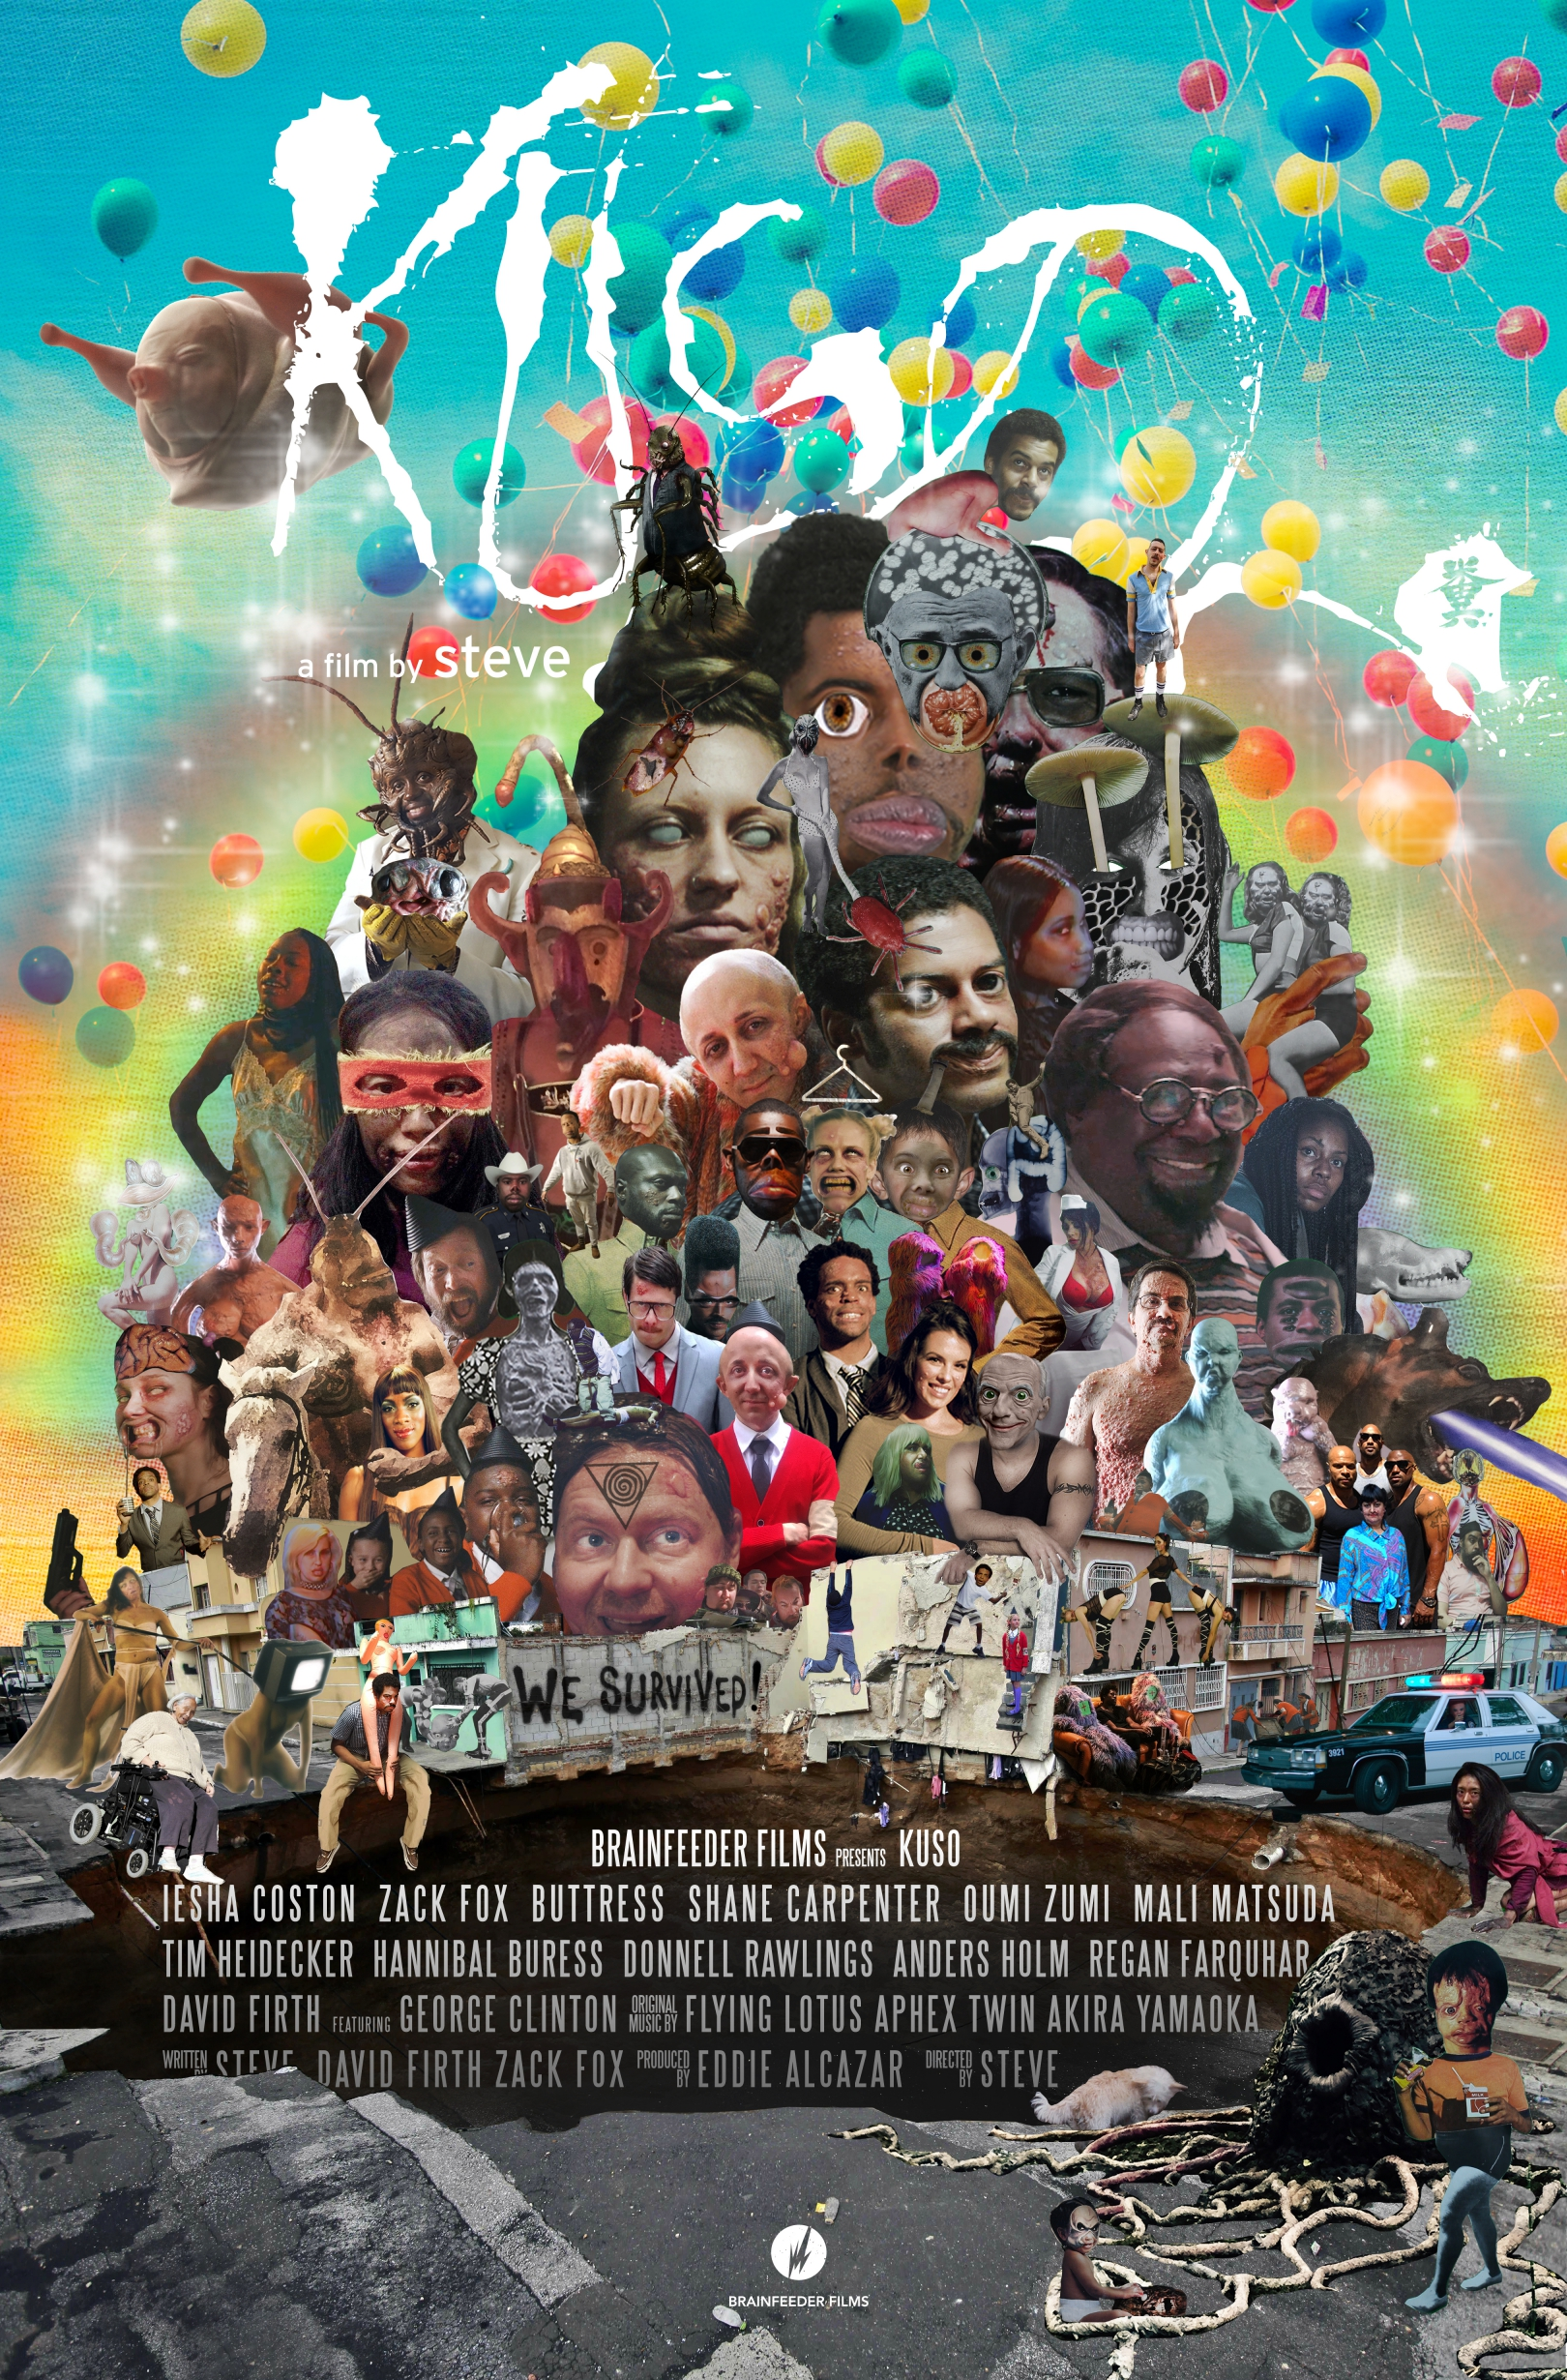 image movie